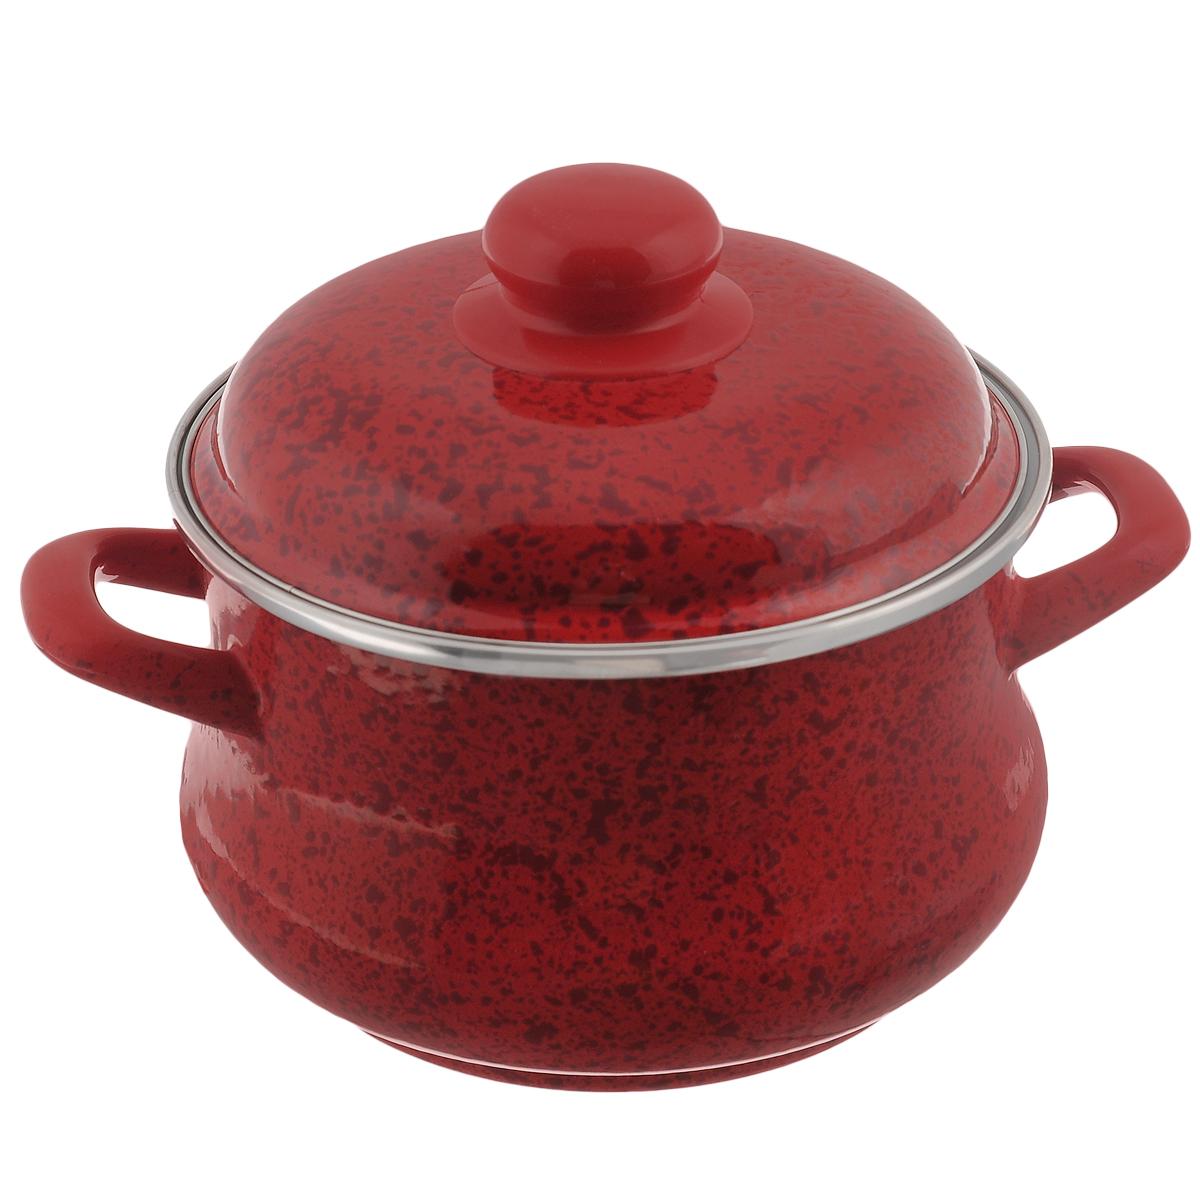 Кастрюля эмалированная Мetrot Рубин, с крышкой, цвет: красный, 2 л82874Кастрюля Мetrot Рубин оригинальной формы Эмина, с расширенными стенками внизу, изготовлена из стали с красным эмалированным покрытием. Внешние стенки оформлены деколью под рубиновый камень. Эмаль инертна и устойчива к пищевым кислотам, не вступает во взаимодействие с продуктами и не искажает их вкусовые качества. Эмалевое покрытие, являясь стекольной массой, не вызывает аллергию и надежно защищает пищу от контакта с металлом. Кроме того, такое покрытие долговечно, оно устойчиво к механическому воздействию, не царапается и не сходит, а стальная основа практически не подвержена механической деформации, благодаря чему срок эксплуатации увеличивается. Кастрюля оснащена двумя удобными ручками и крышкой из стали. Крышка с ободом плотно прилегает к краю кастрюли, предотвращая проливание жидкости и сохраняя аромат блюд.Изделие подходит для всех типов плит, включая индукционные. Можно мыть в посудомоечной машине. Кастрюля Мetrot Рубин - это идеальный подарок для современных хозяек, которые следят за своим здоровьем и здоровьем своей семьи. Эргономичный дизайн и функциональность позволят вам наслаждаться процессом приготовления любимых, полезных для здоровья блюд. Объем: 2 л. Диаметр: 16 см. Высота стенки: 10,5 см.